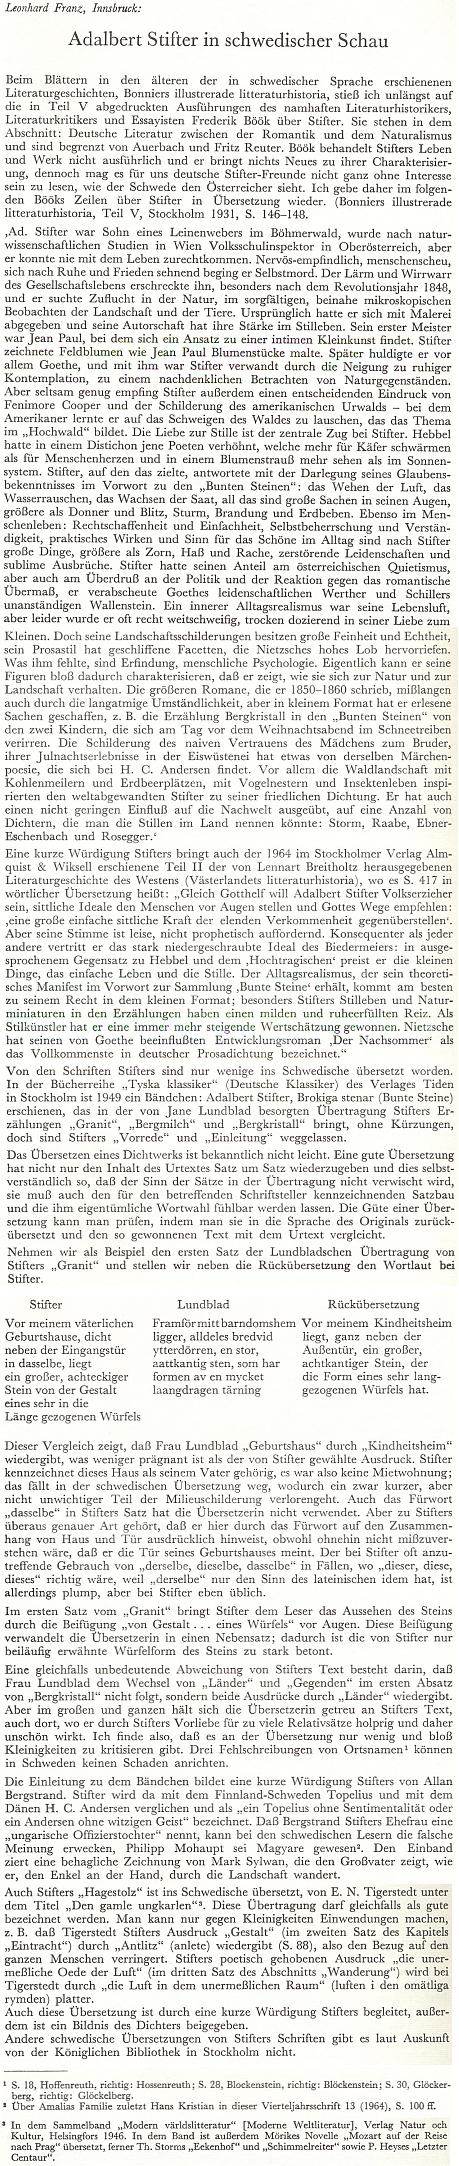 """Jeho text o Adalbertu Stifterovi """"ze švédského pohledu"""""""